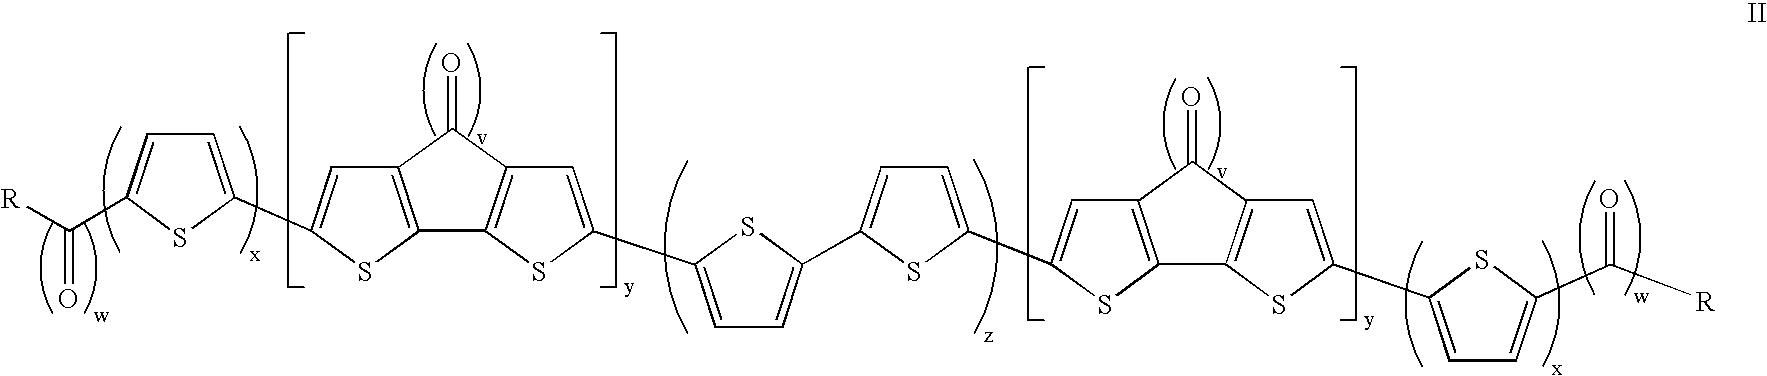 Figure US20060186401A1-20060824-C00002